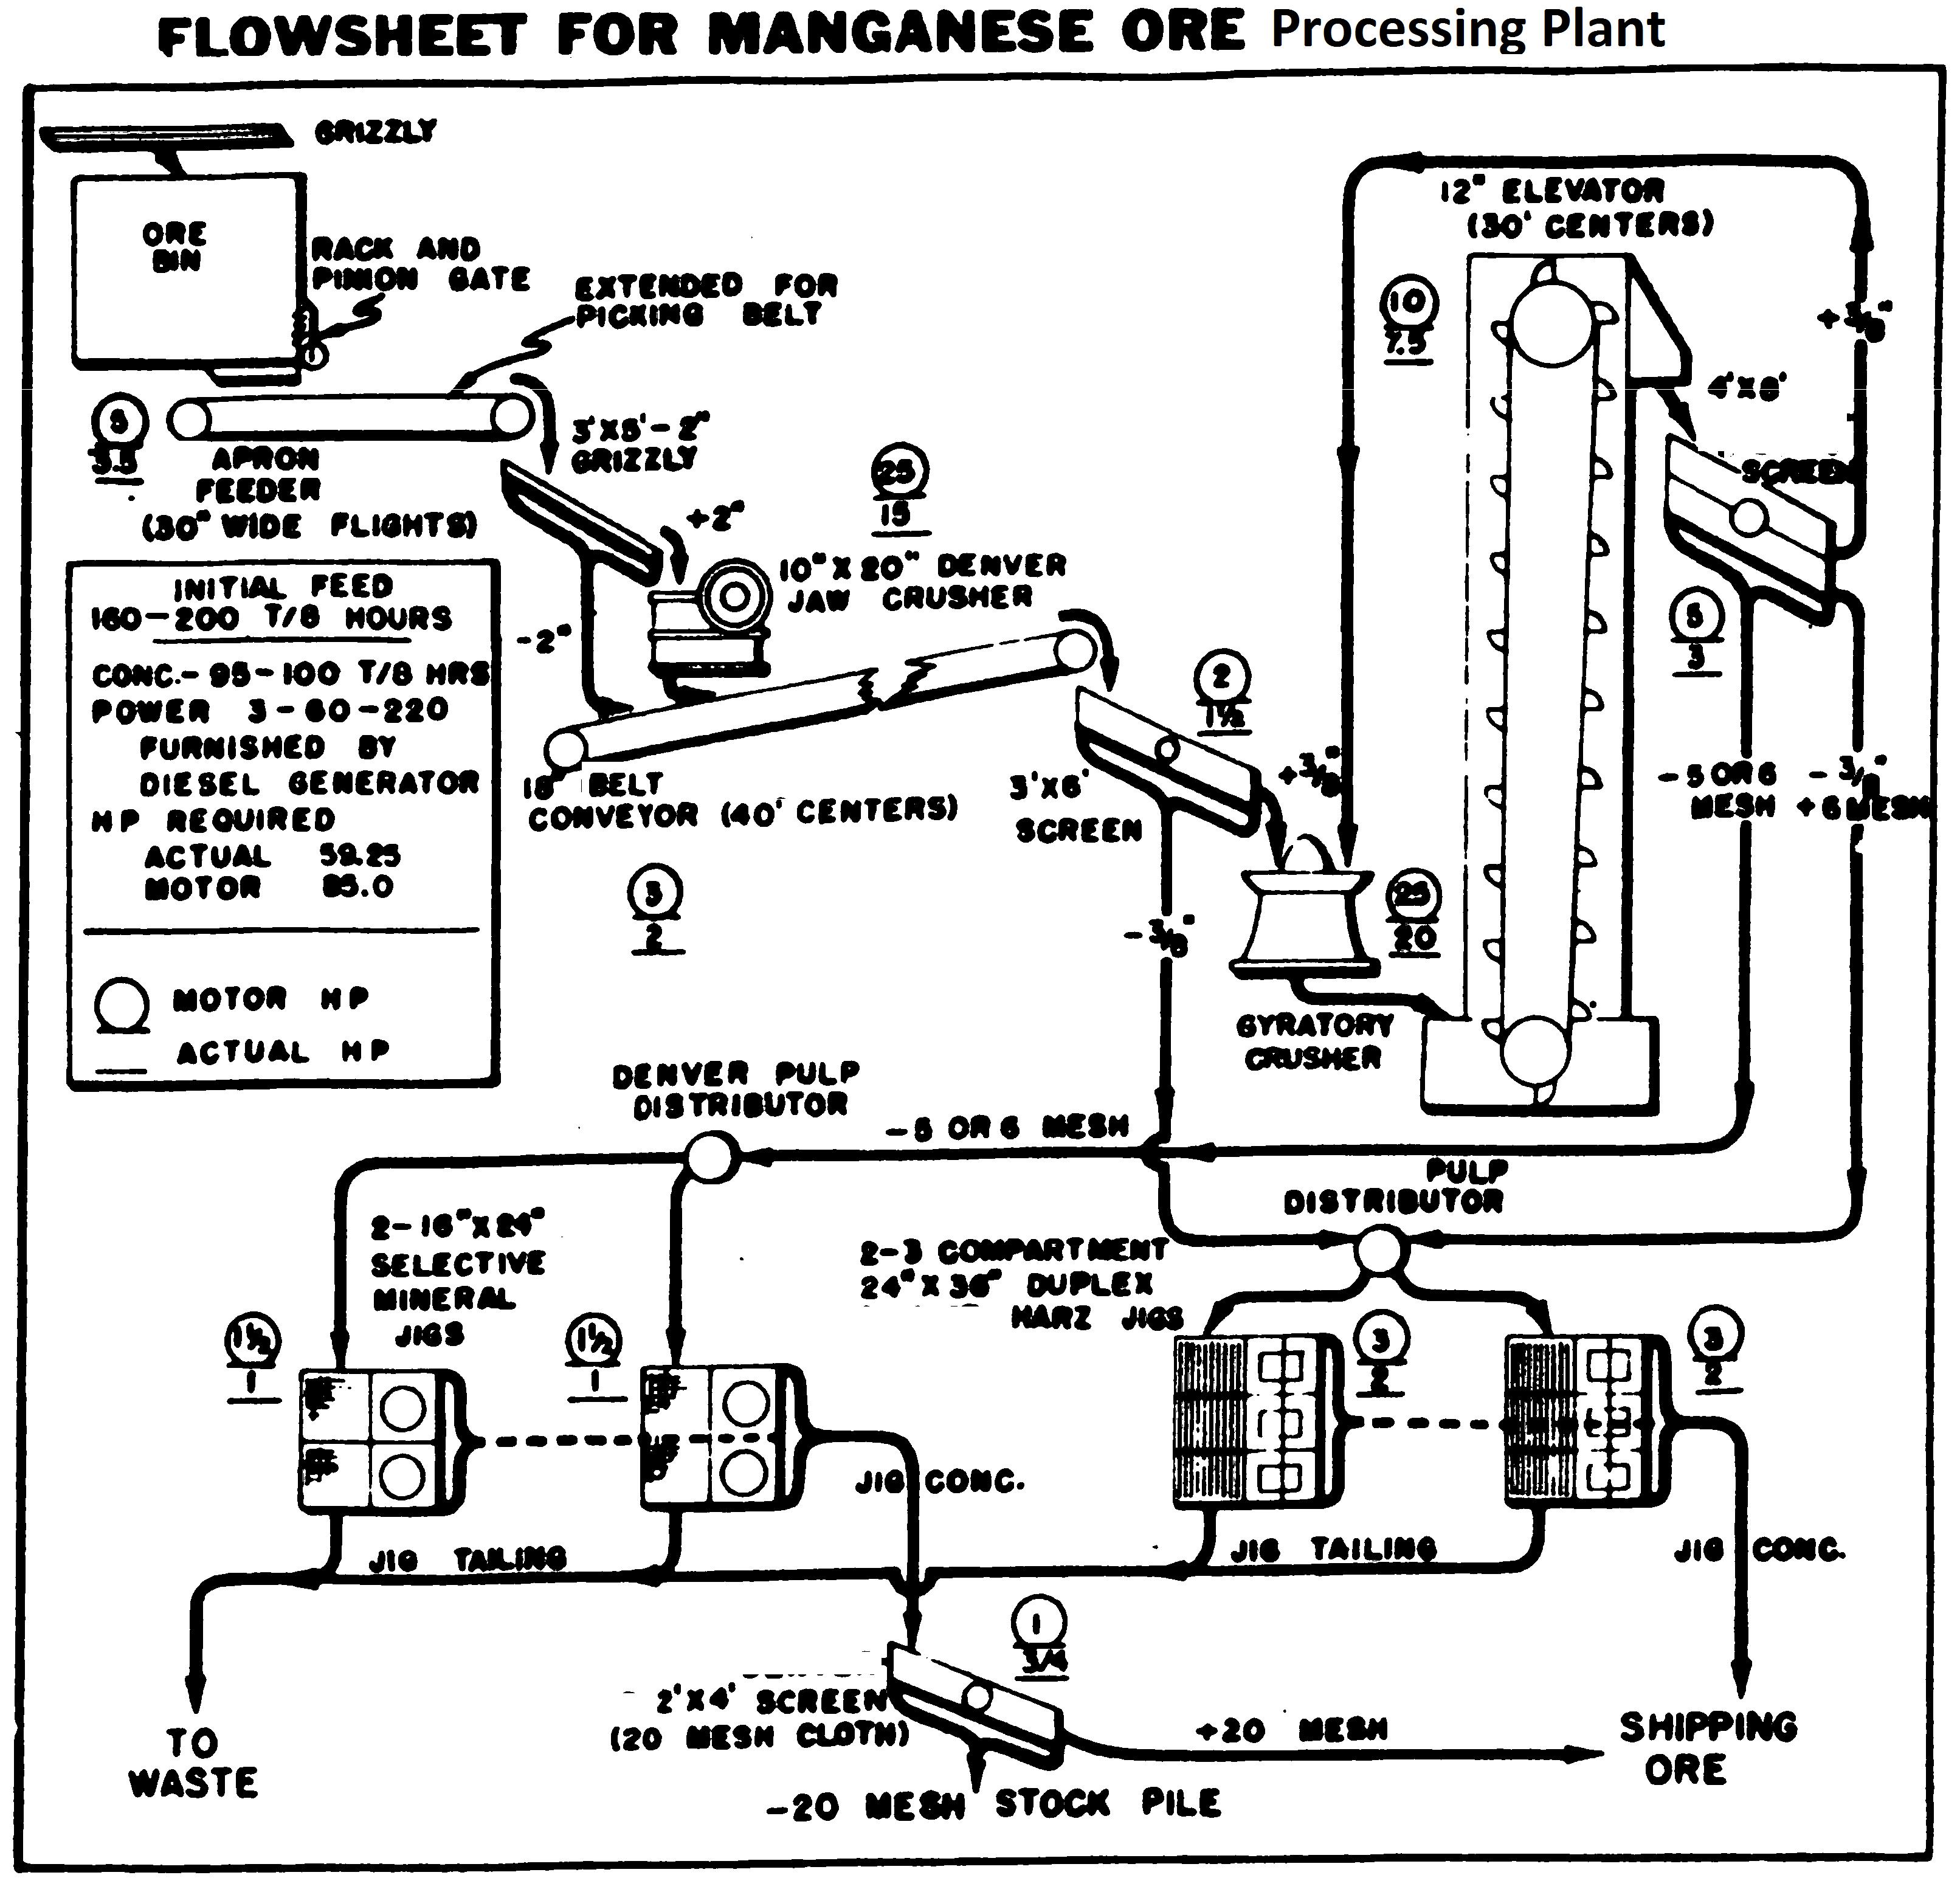 manganese ore processing plant flowsheet